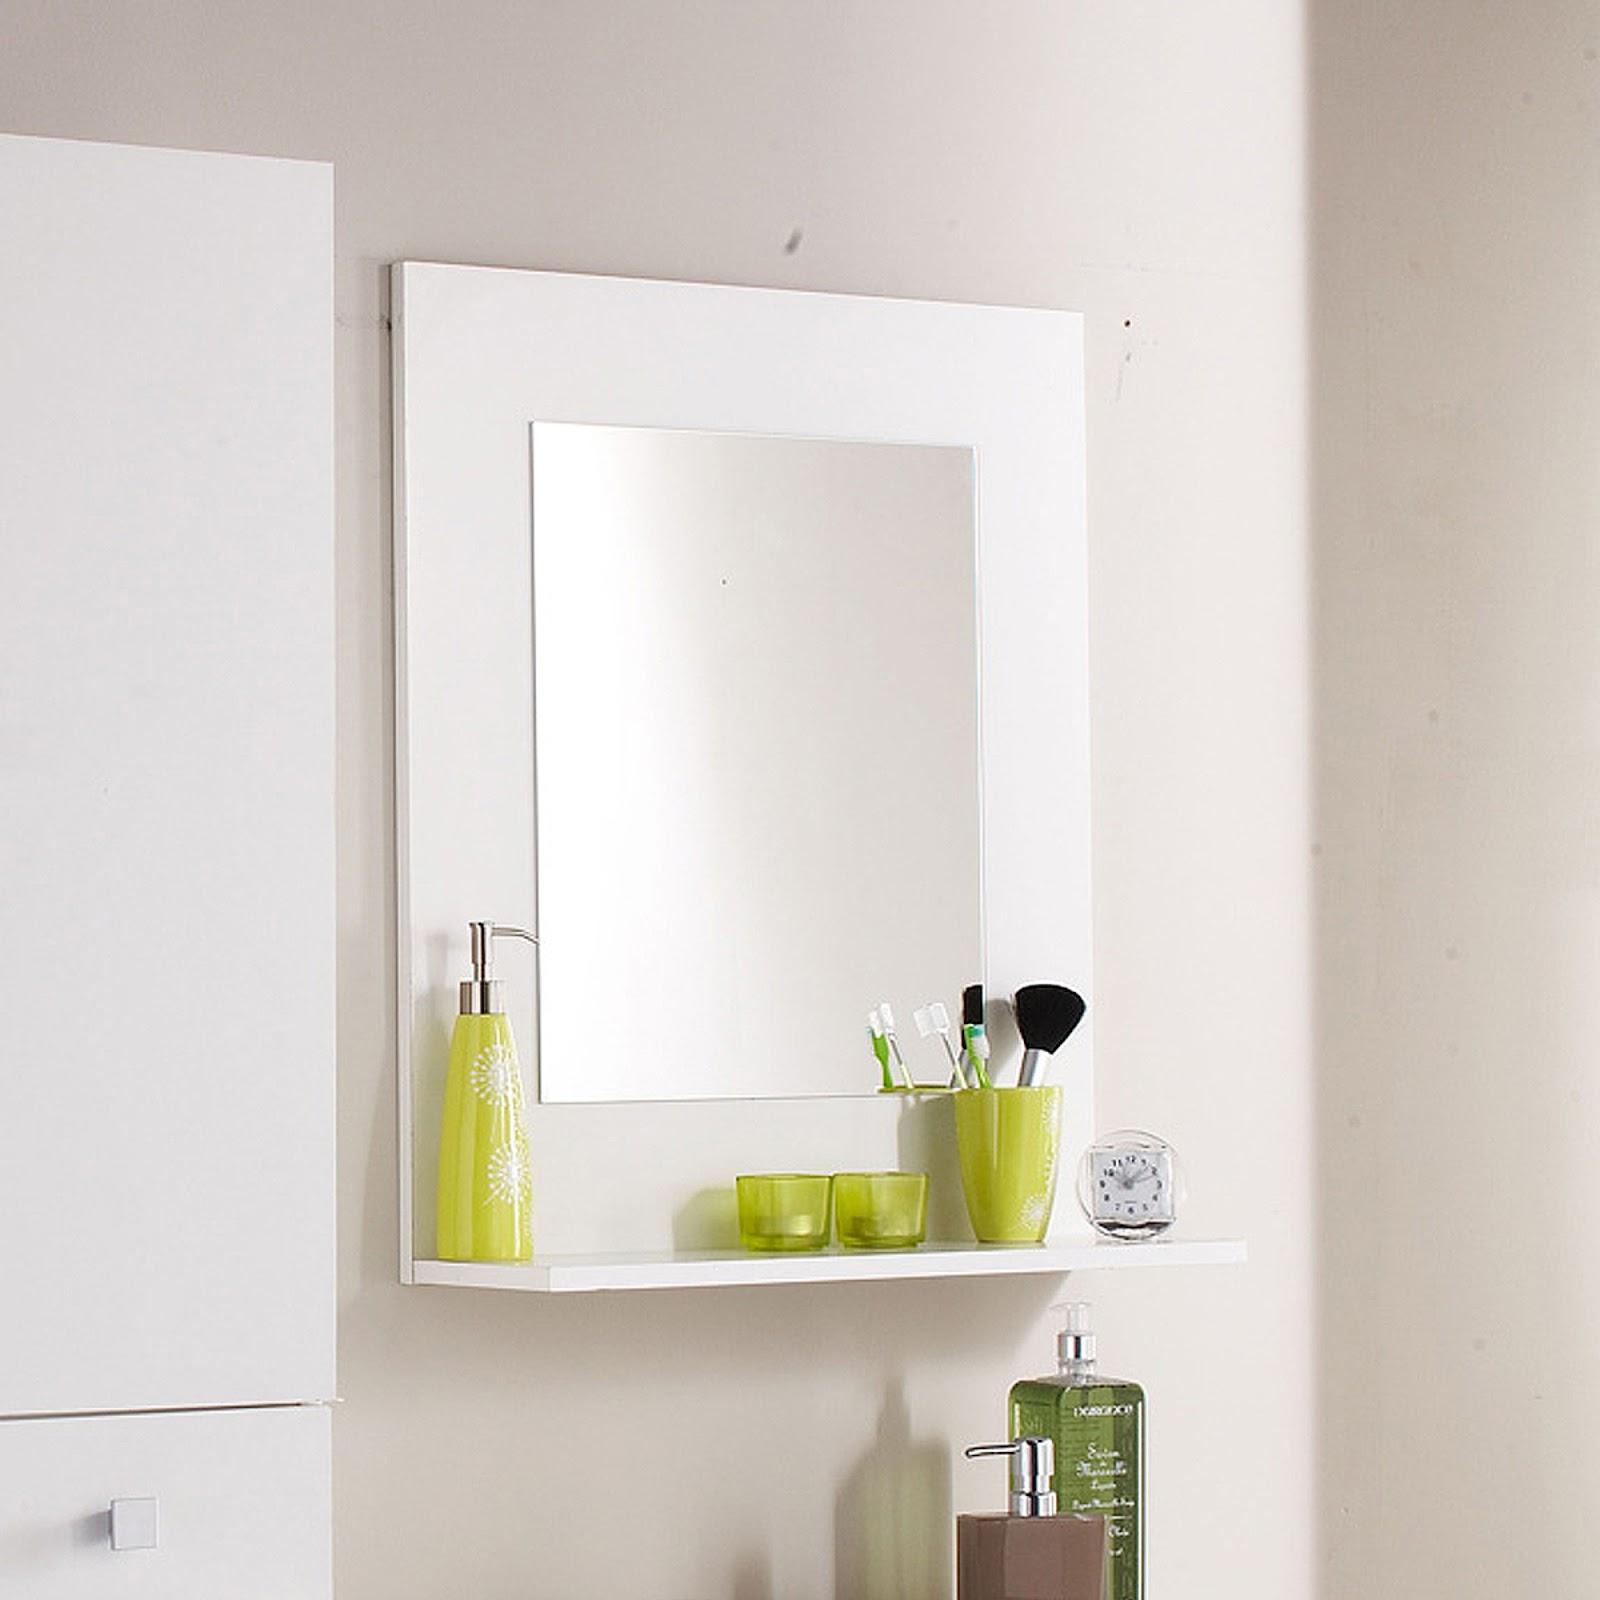 Salle De Bain Design Bois Et Blanc ~ miroir salle de bain 120×80 cm basic of miroir simple deplim com